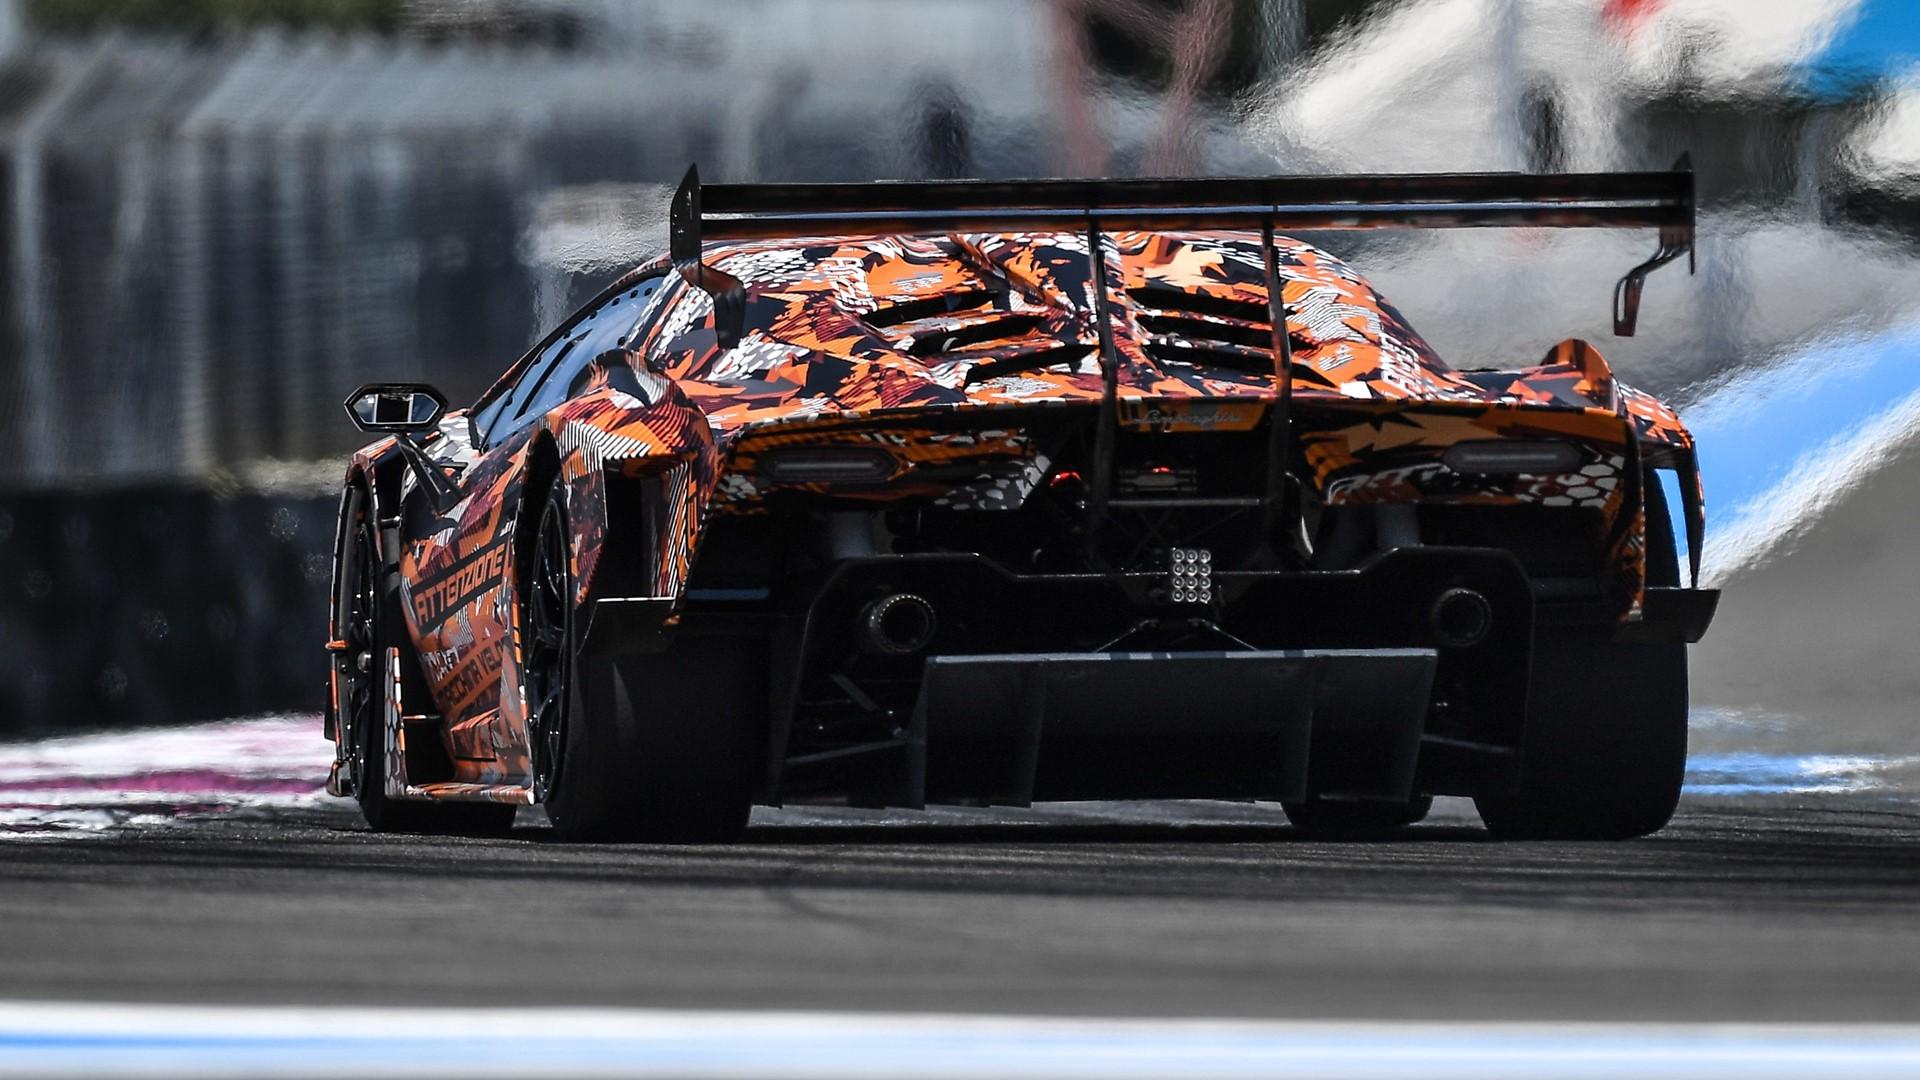 Lamborghini SCV12: Squadra Corse hypercar ready to hit the track - Image 4